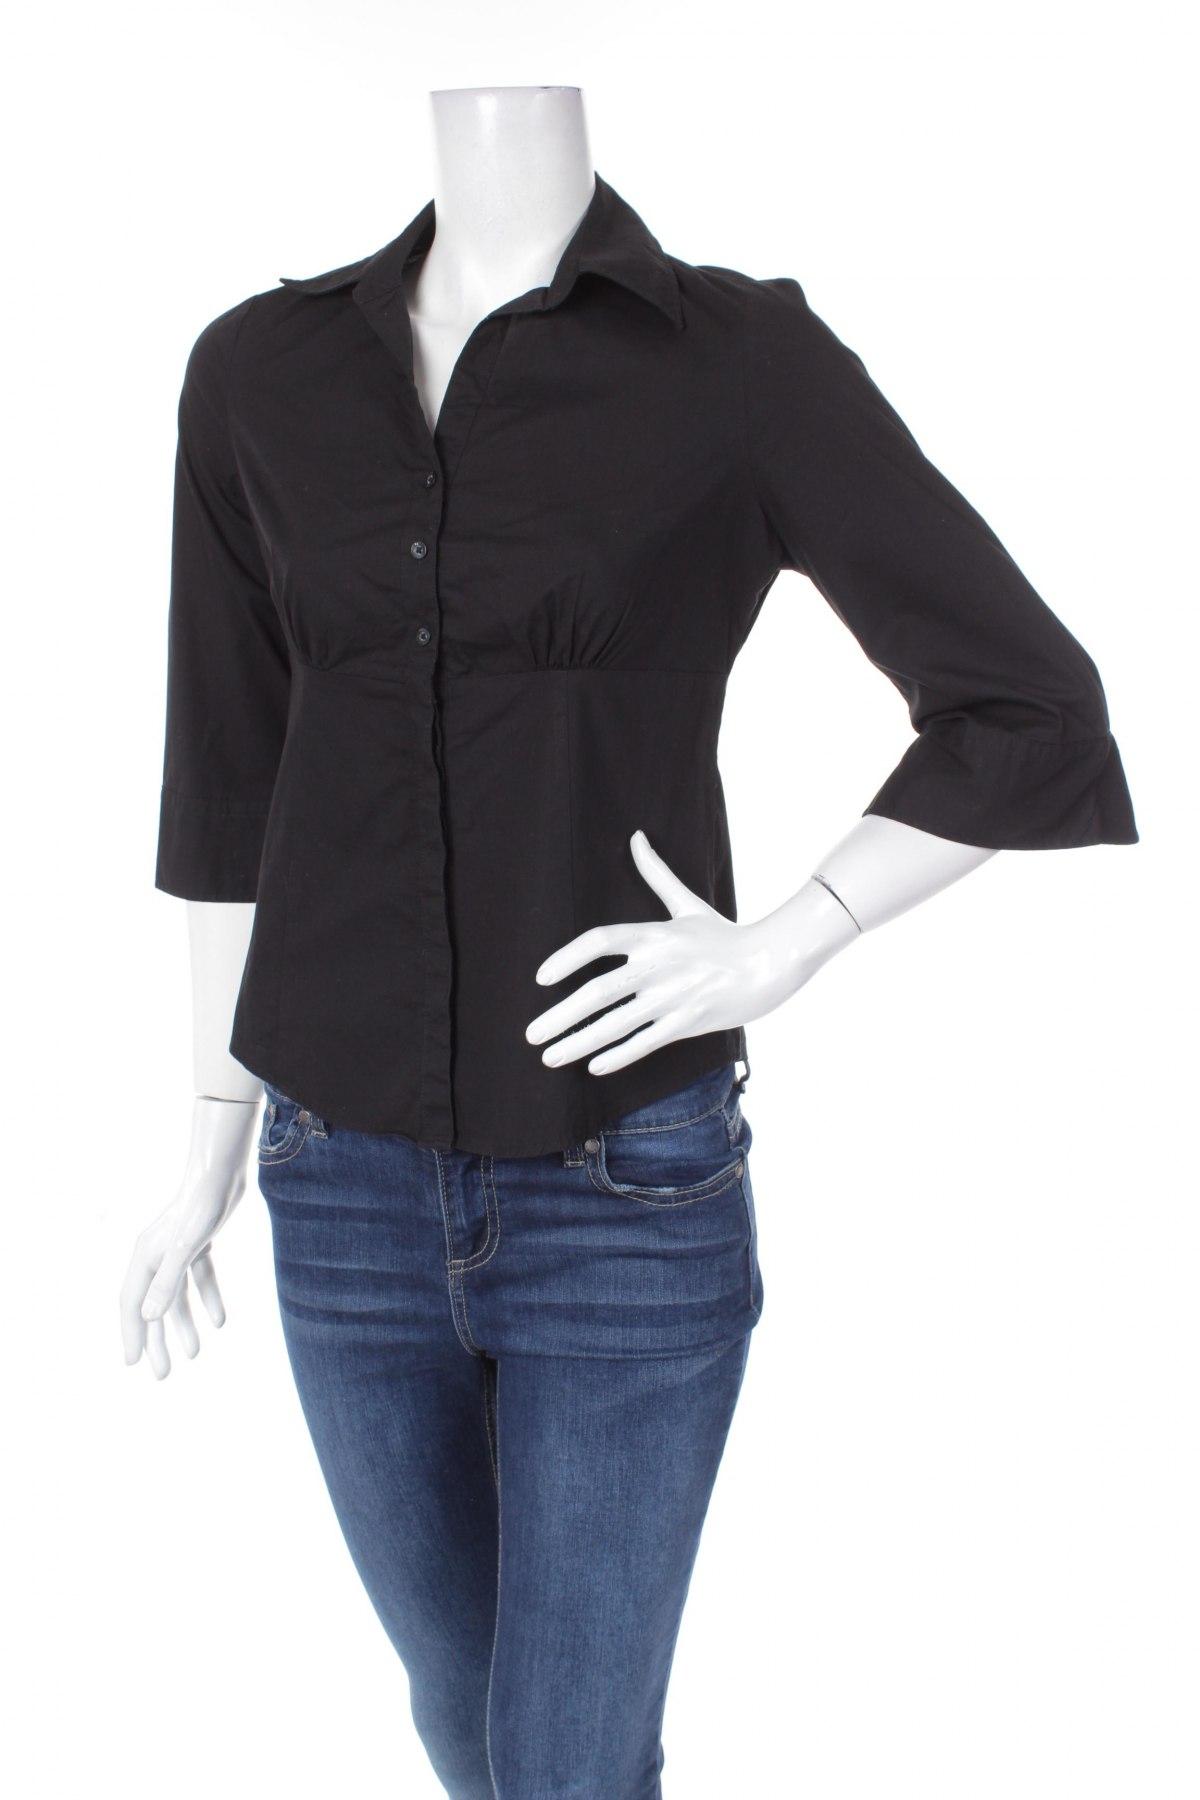 Γυναικείο πουκάμισο Yessica, Μέγεθος M, Χρώμα Μαύρο, 97% βαμβάκι, 3% ελαστάνη, Τιμή 14,95€